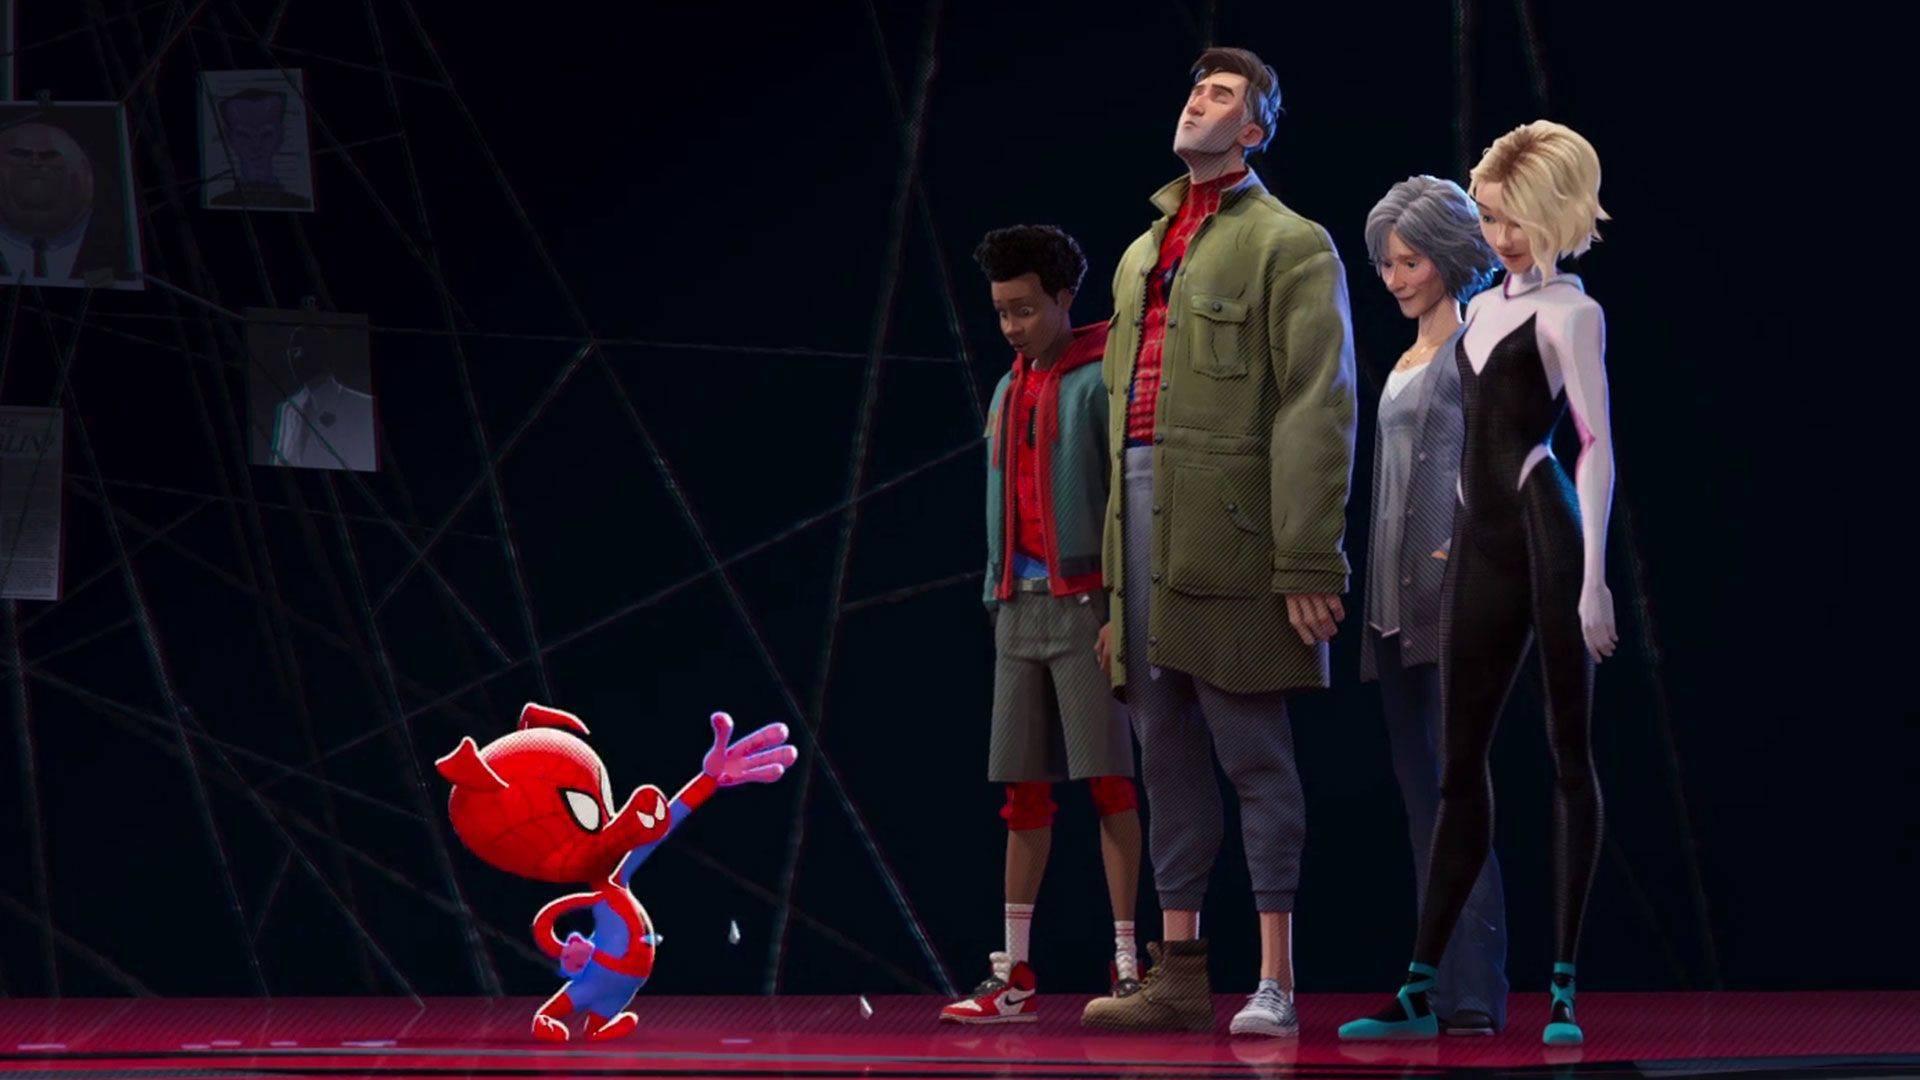 «Человек-Паук: Через вселенные»: шесть Пауков против коллайдера 2